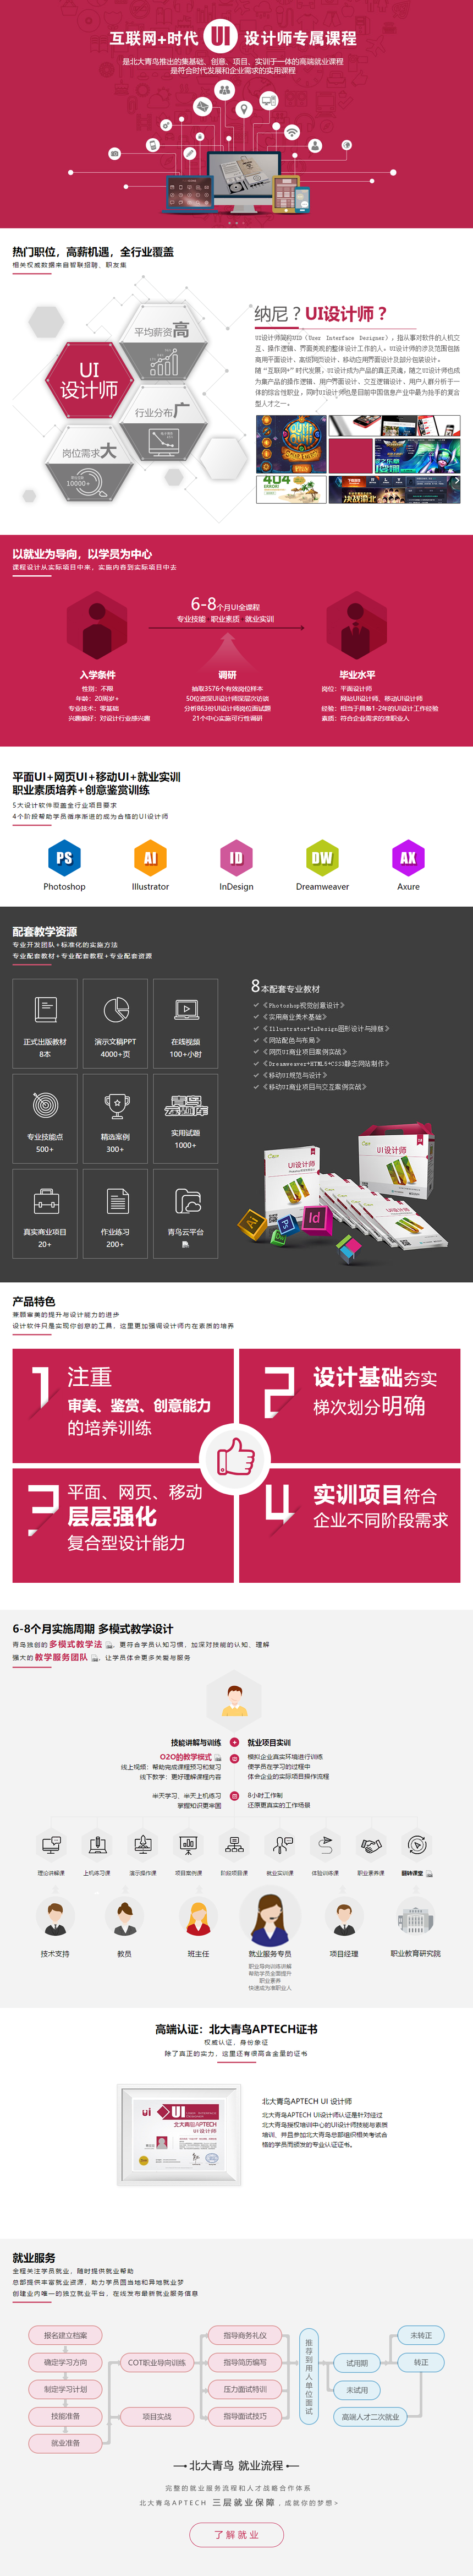 北大青鸟UI设计师课程.png